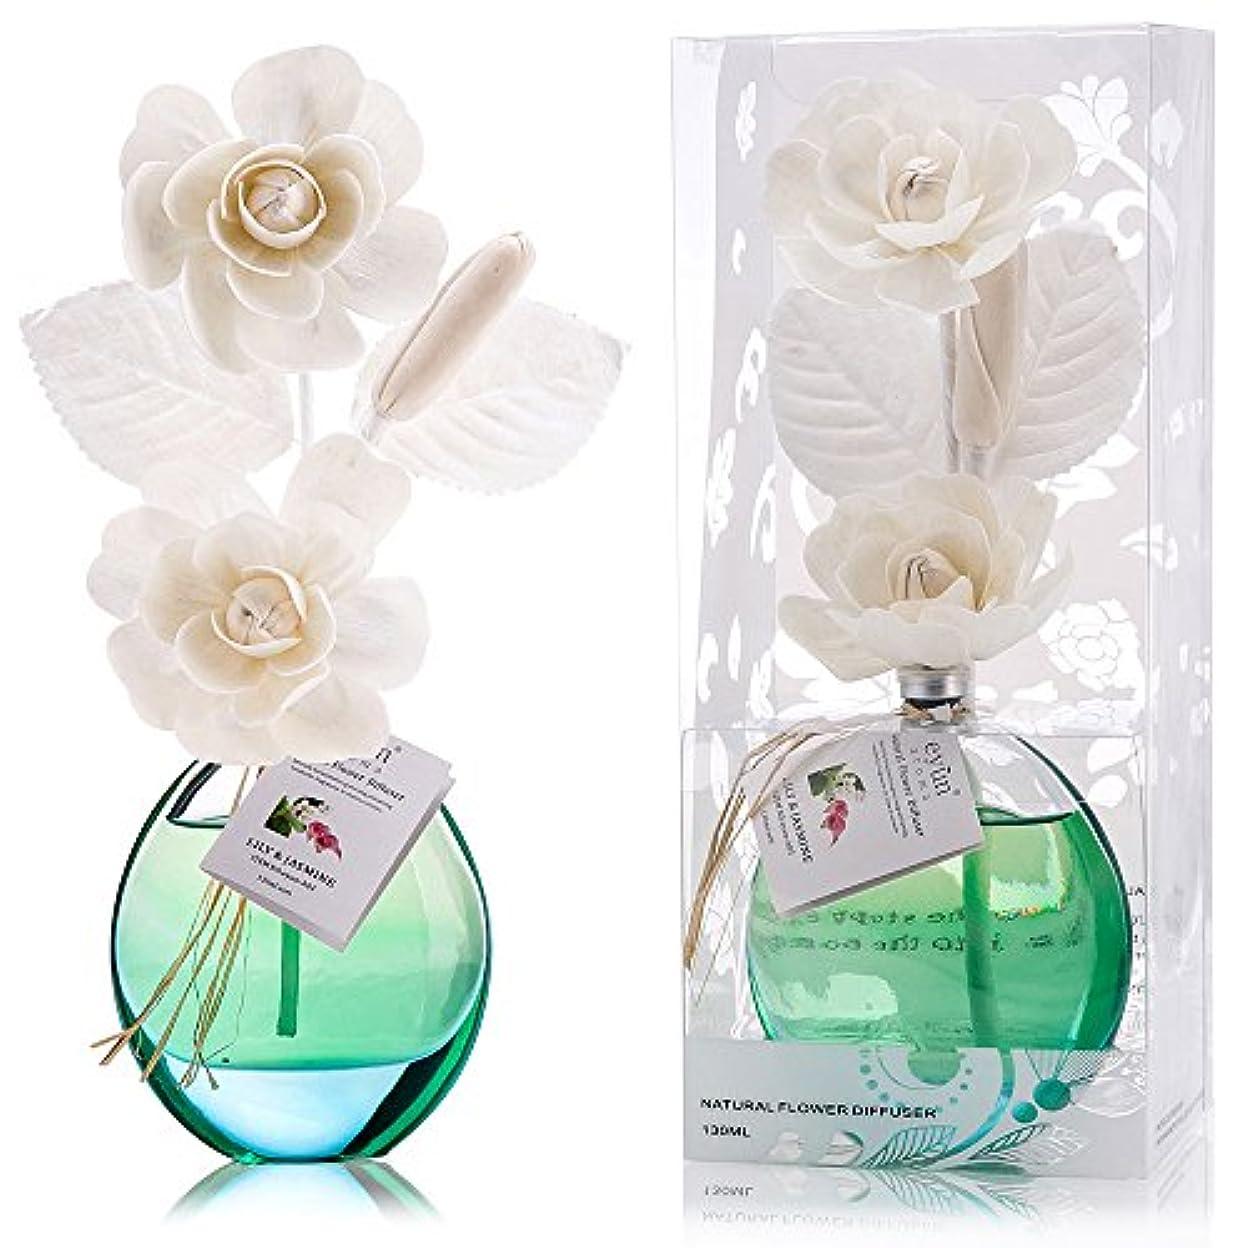 ピアニスト降雨最初誕生日 プレゼント に A03 ルームフレグランス (花瓶:水色, 香り:ユリ & ジャスミン)